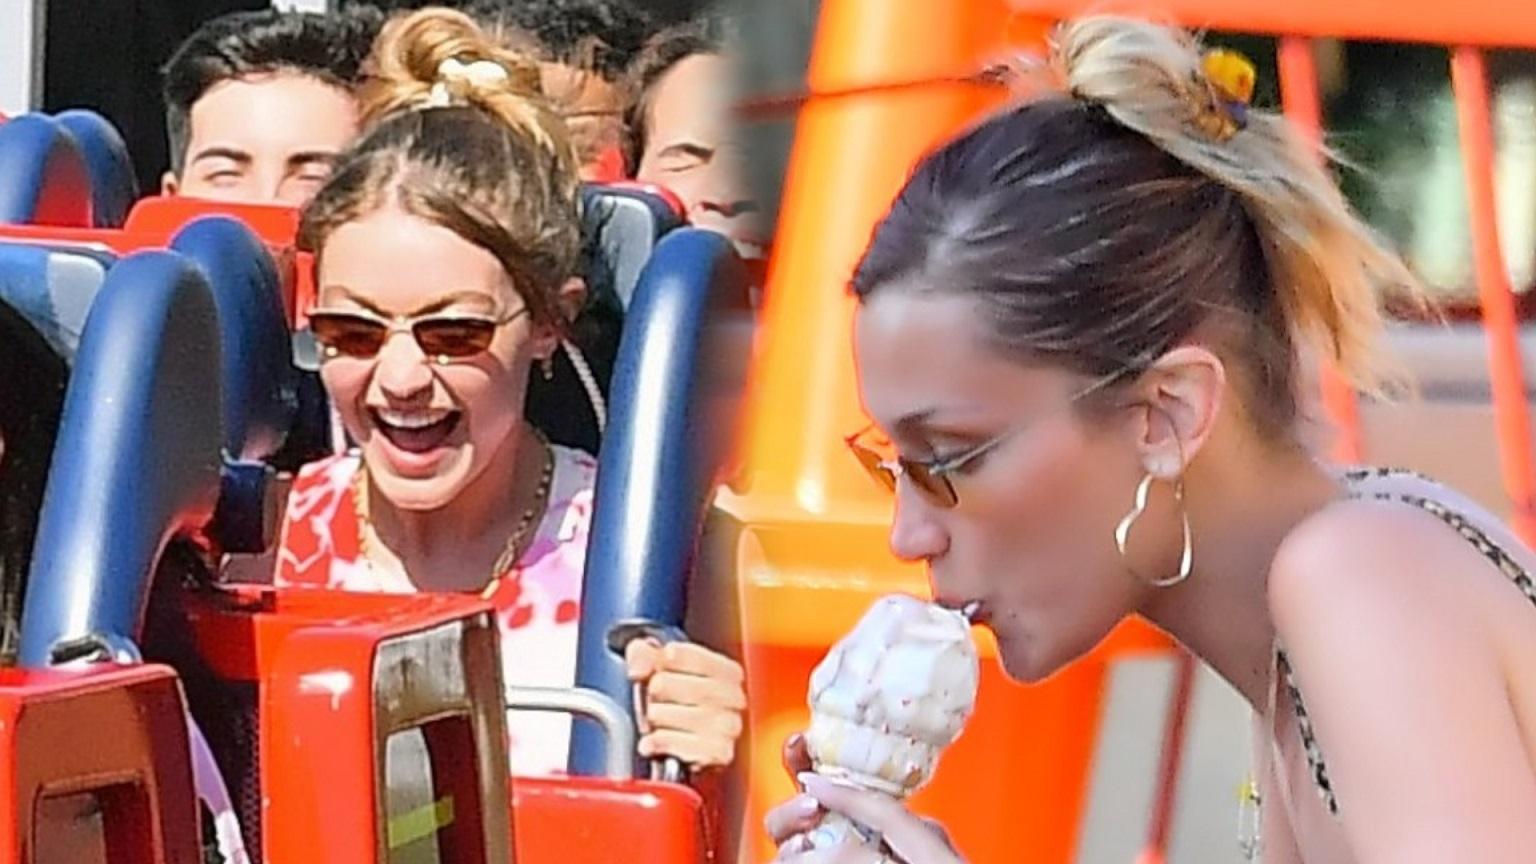 Siostry Hadid w Disneylandzie – bawiły się jak małe dzieci